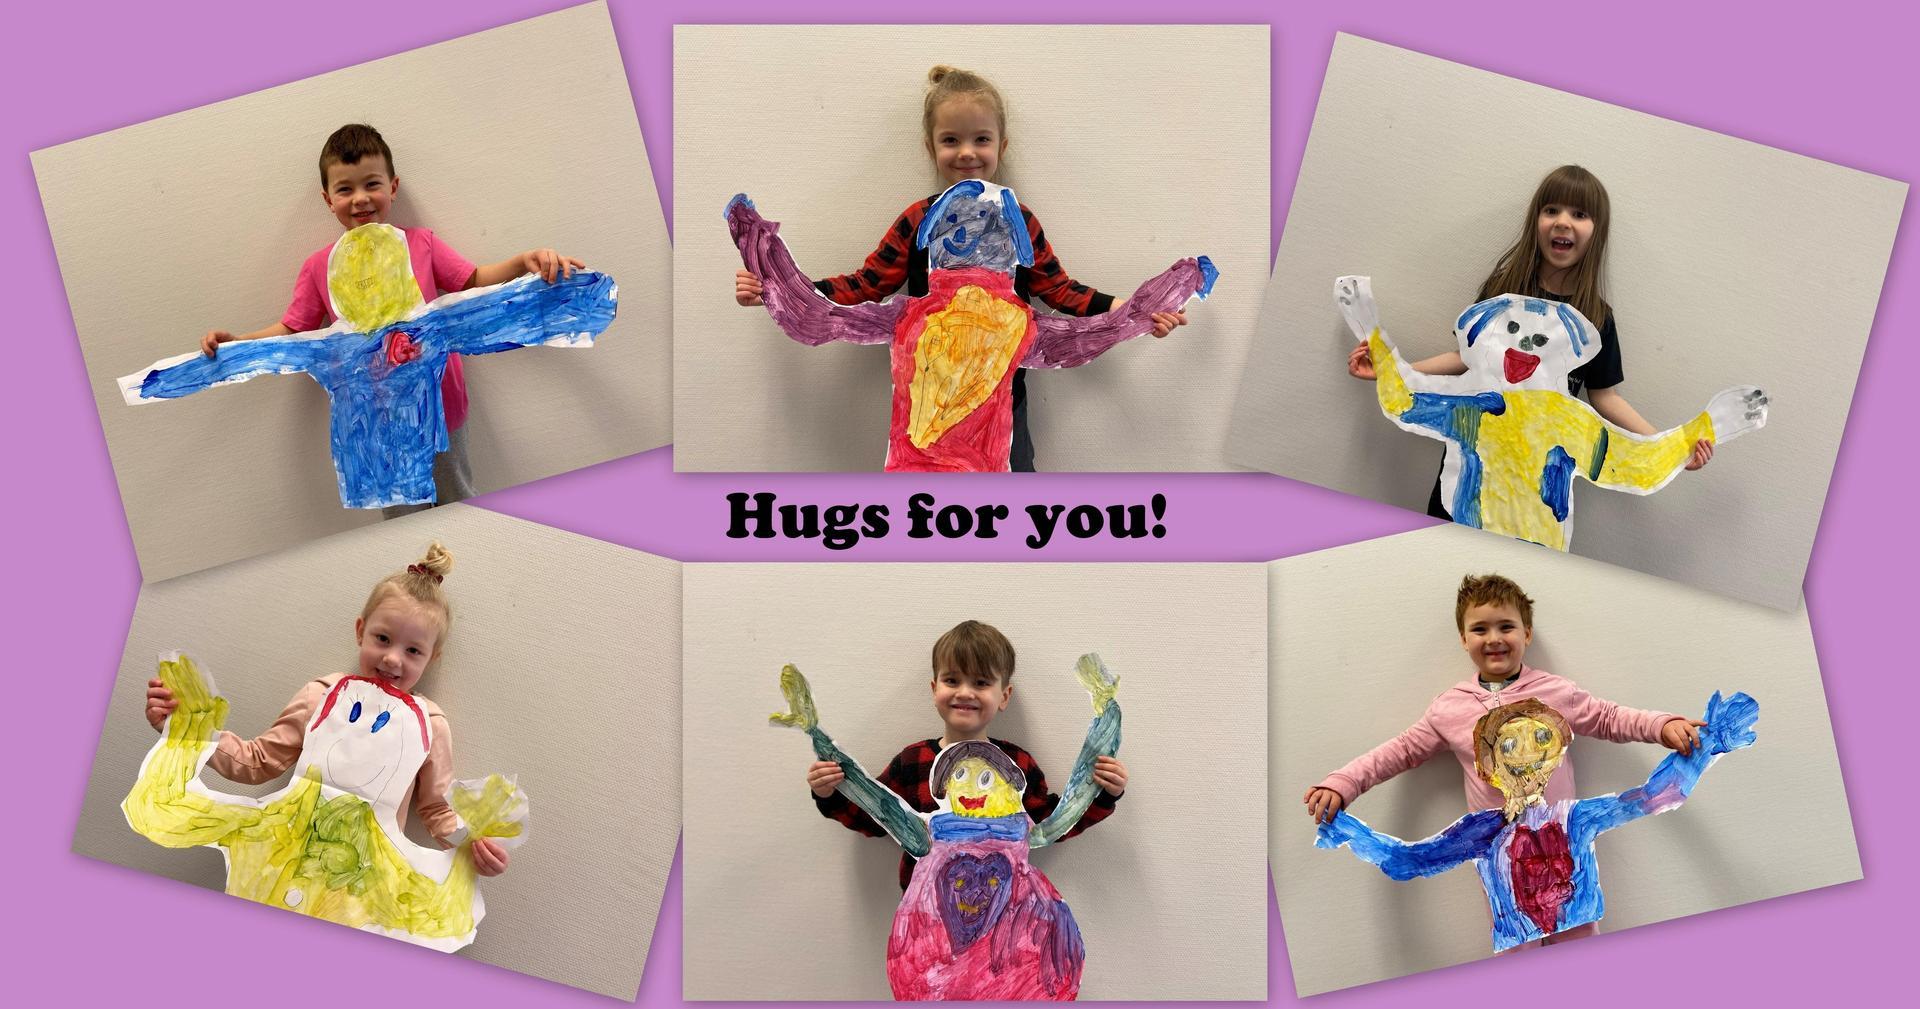 hug collage